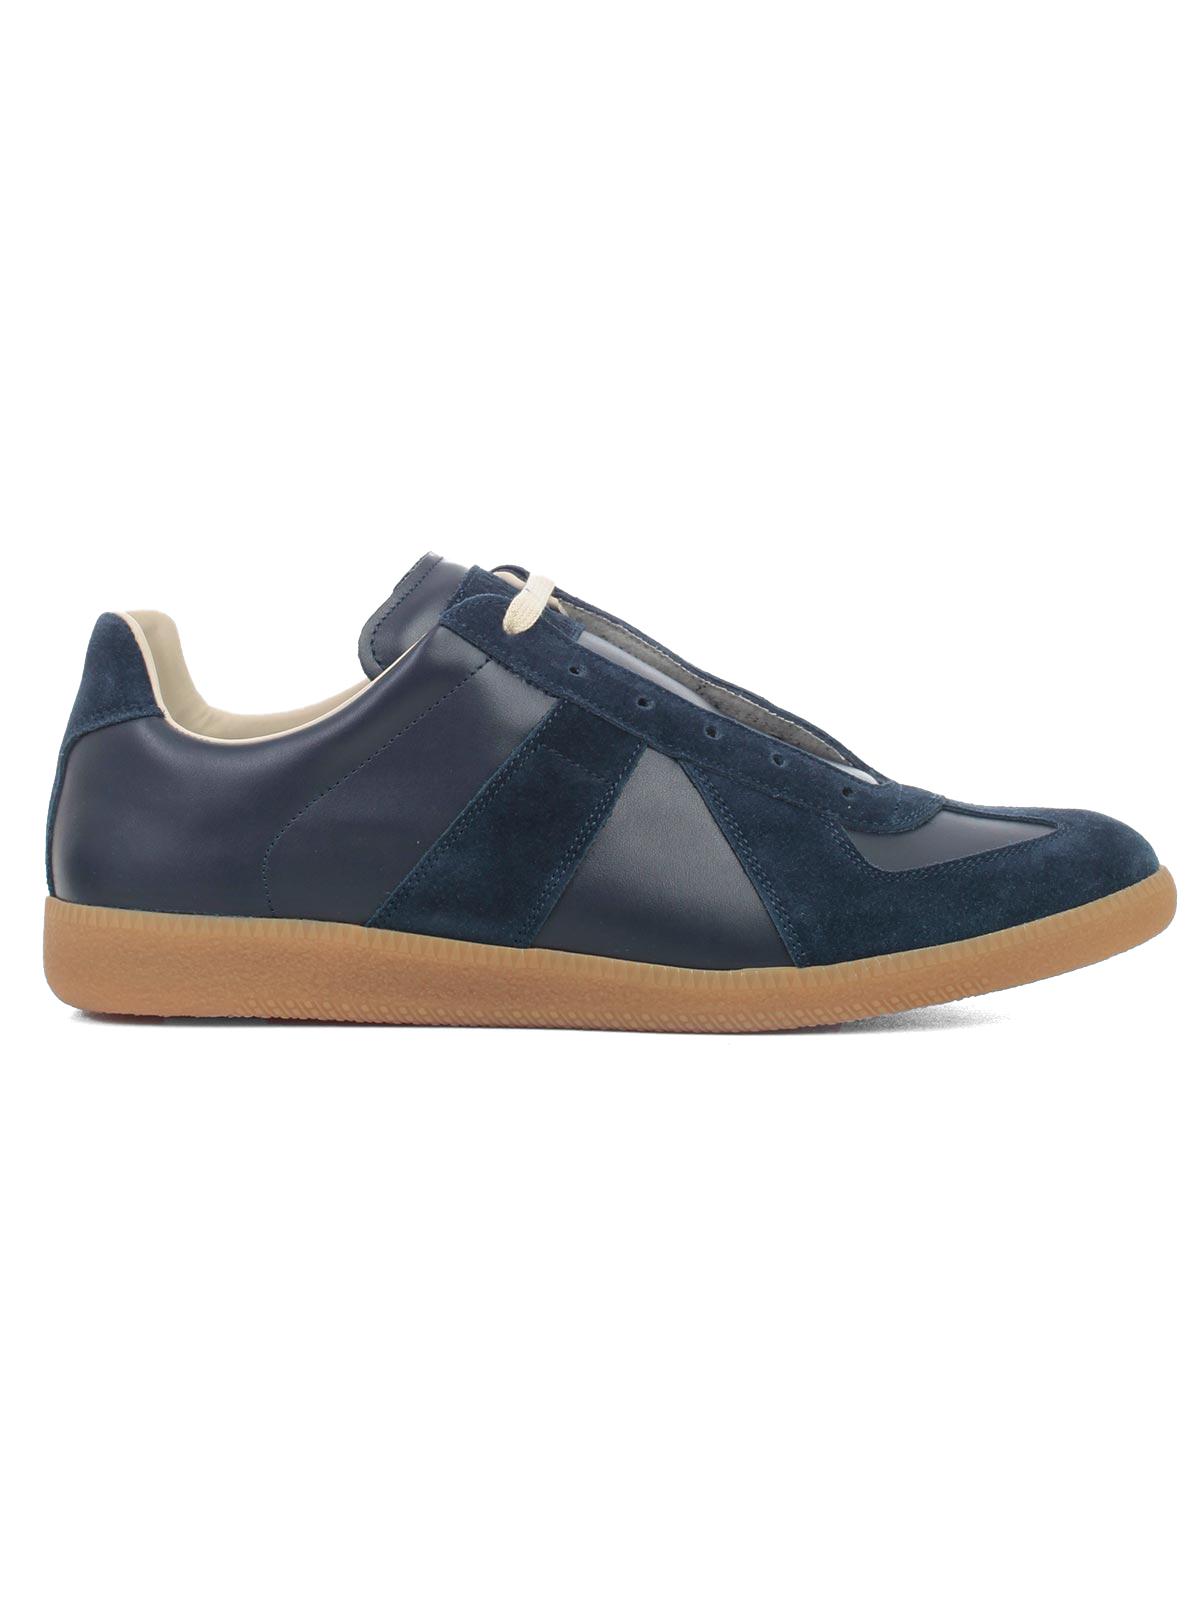 Maison Margiela Shoes S57WS0236.P1895